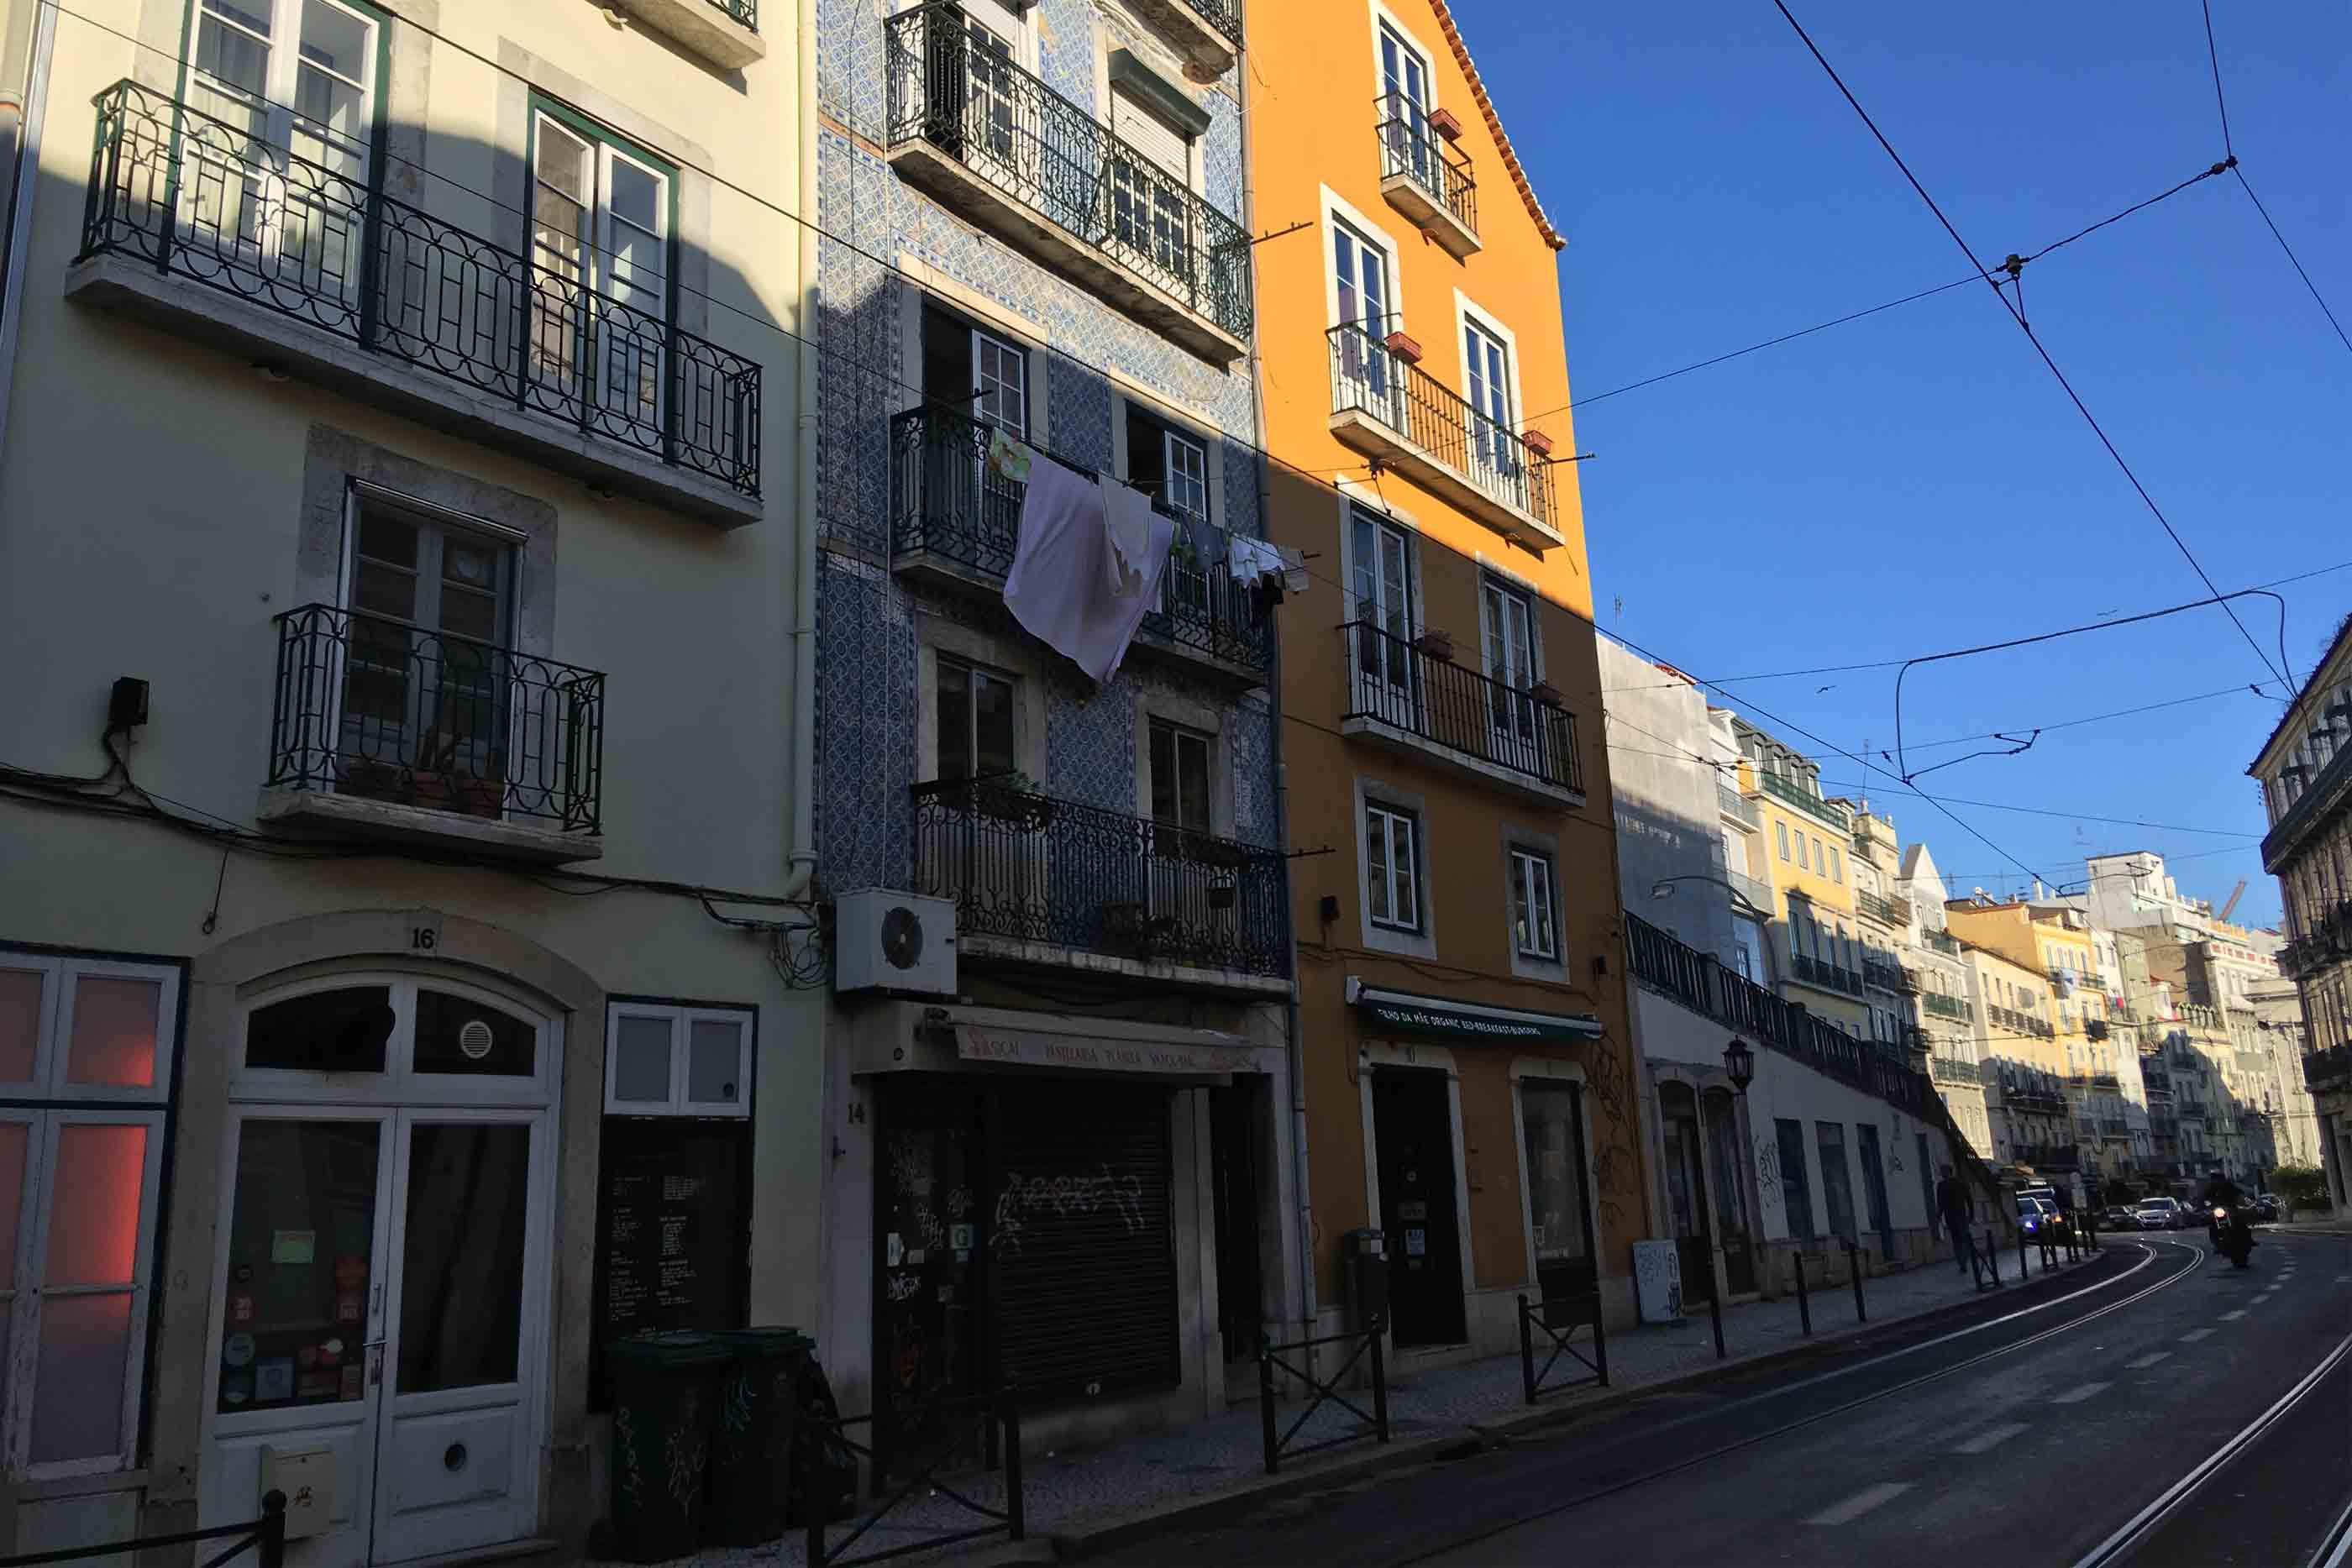 Rua tradicional da baixa de Lisboa